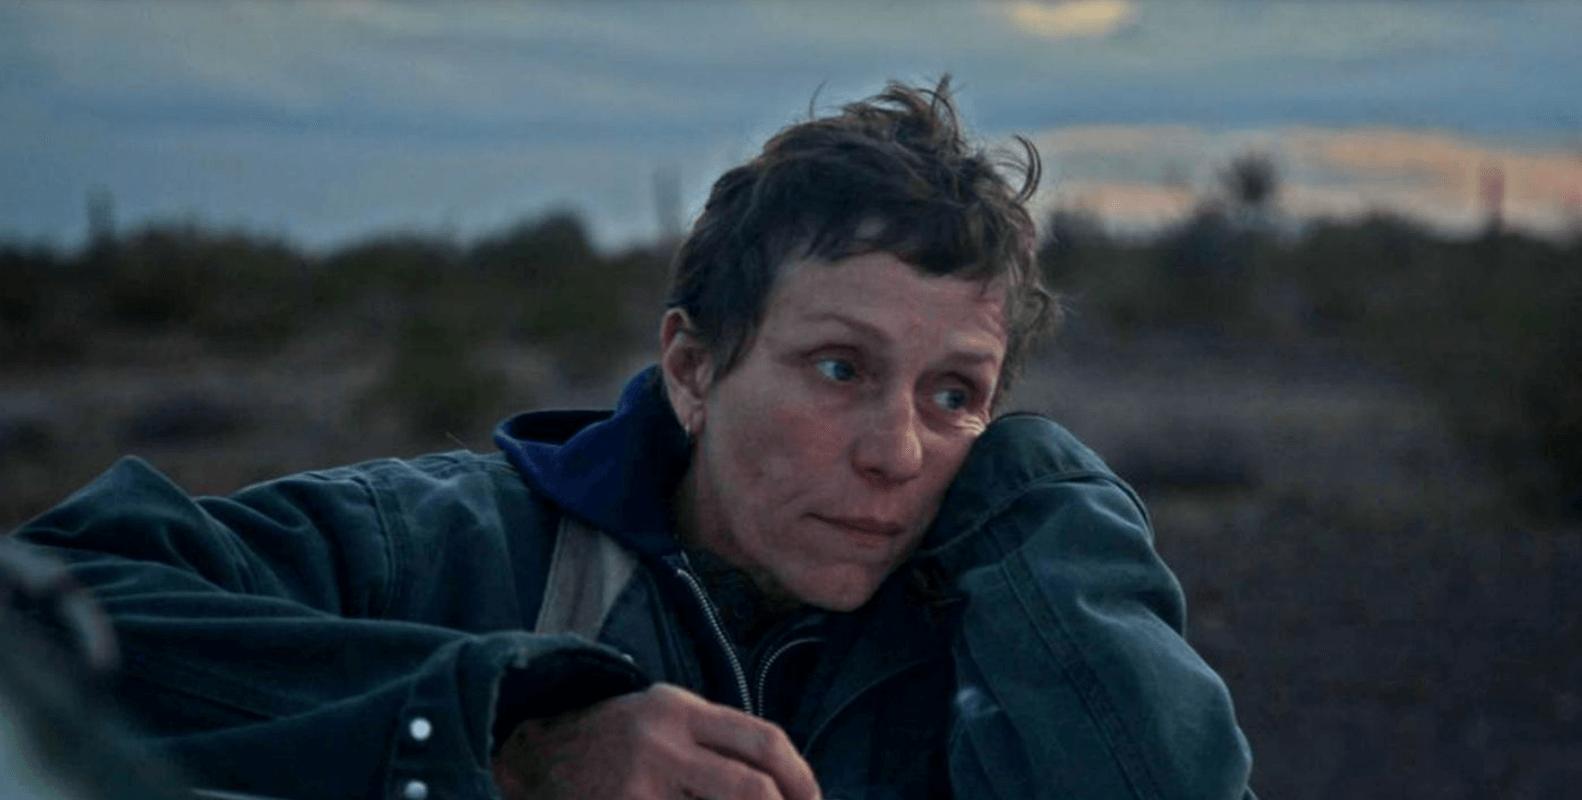 """Produtora de """"Nomadland"""", Frances McDormand tem dupla indicação no Oscar   Mulher no Cinema Produtora de """"Nomandland"""", Frances McDormand tem dupla indicação no Oscar 2021"""